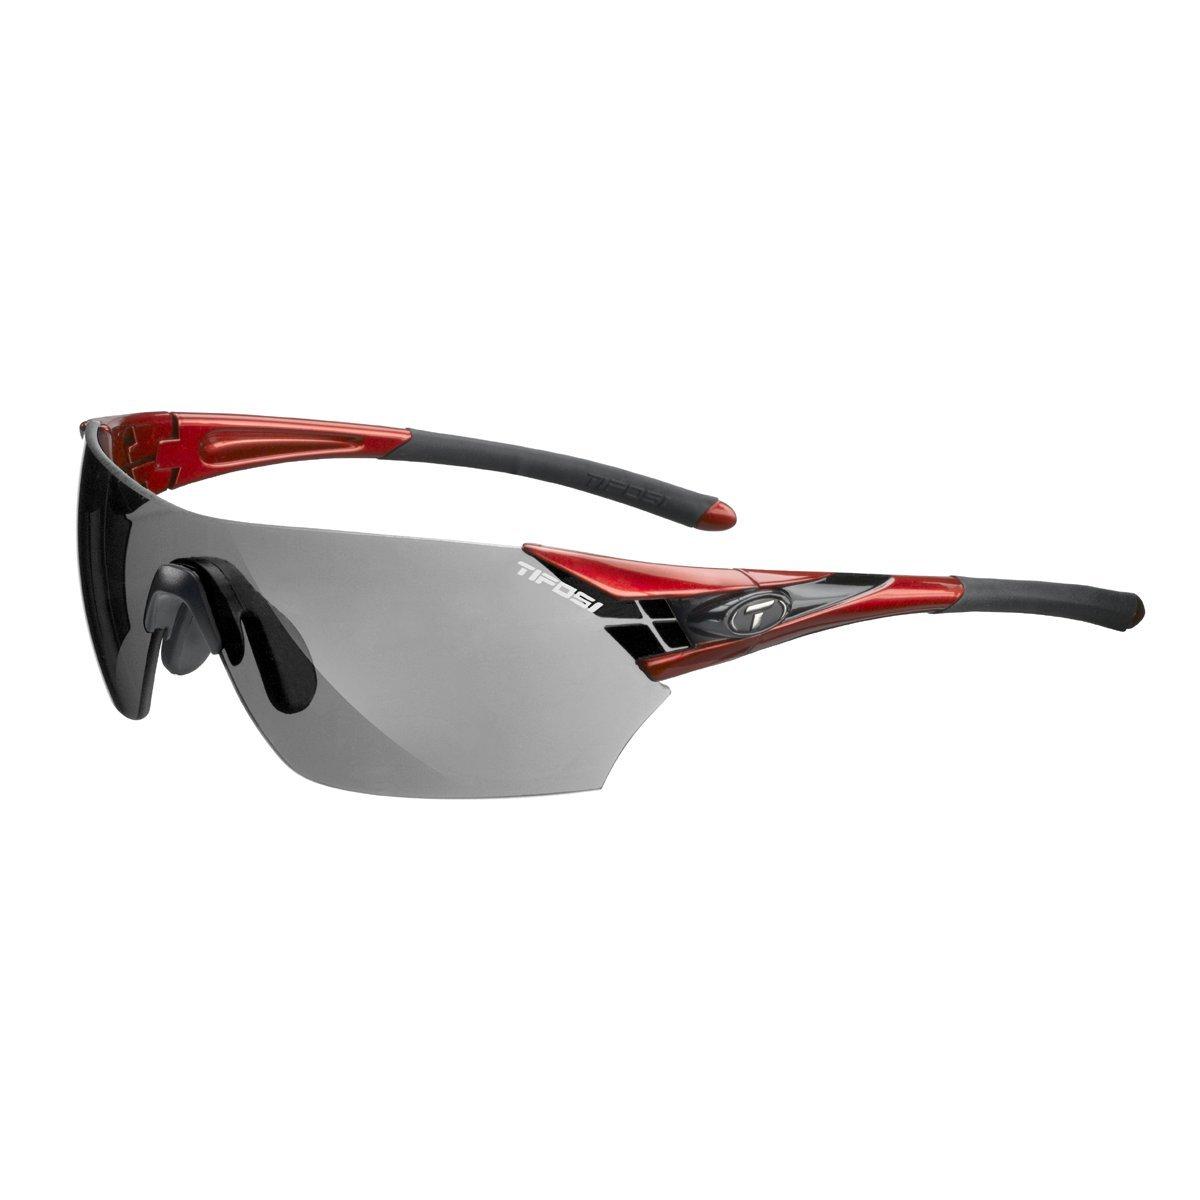 Tifosi Sonnenbrille Sport Podium, 1000302734, Neutrale Farbe, One Größe, 060176